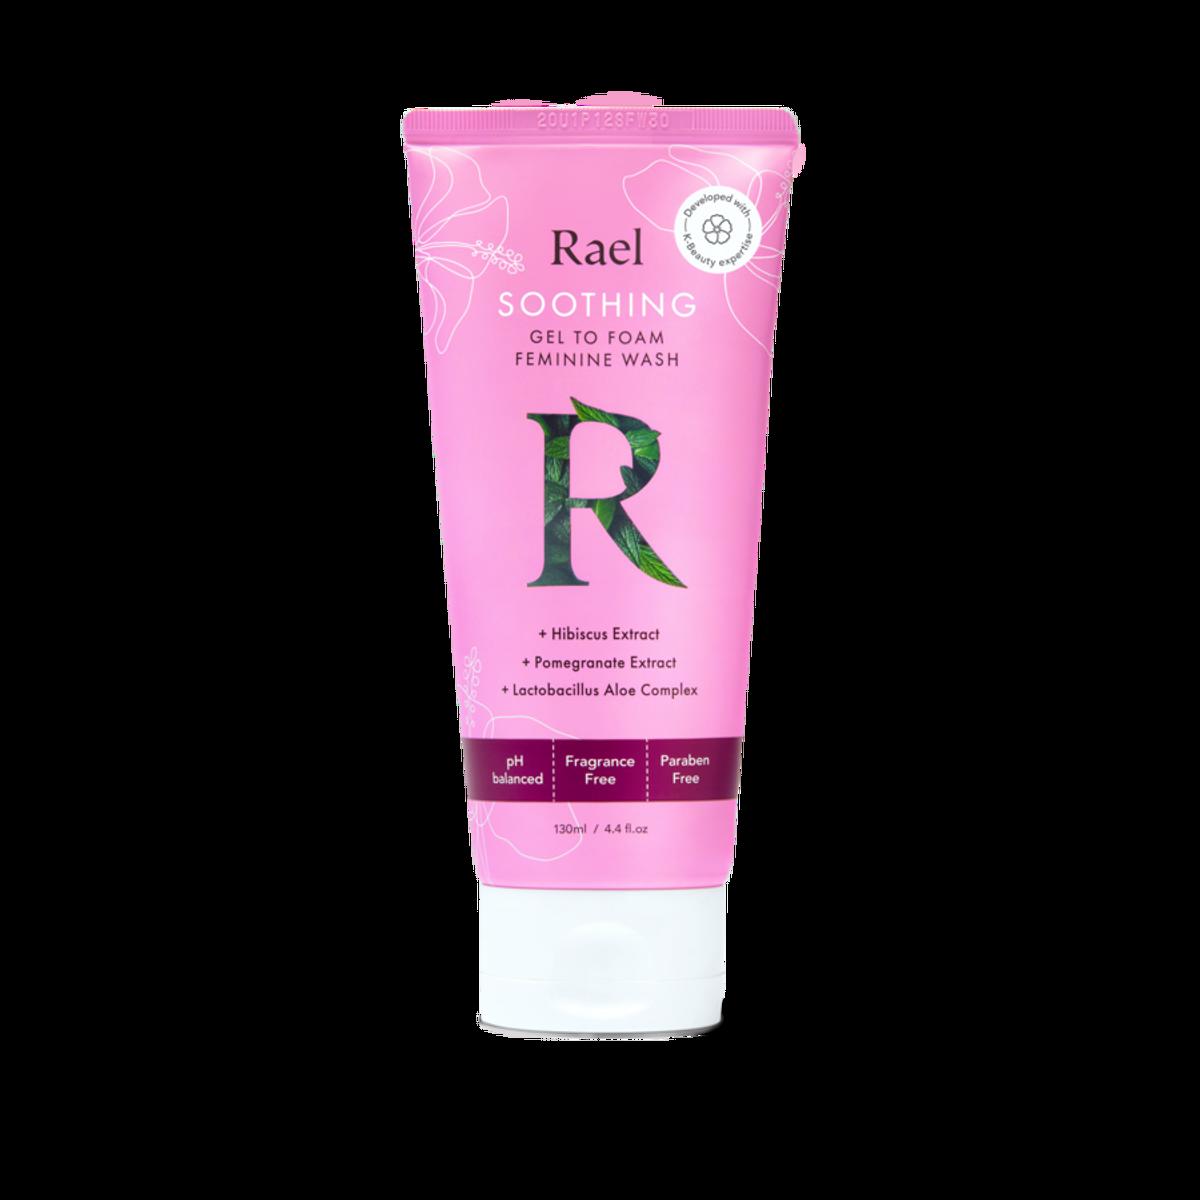 rael soothing gel to foam feminine wash